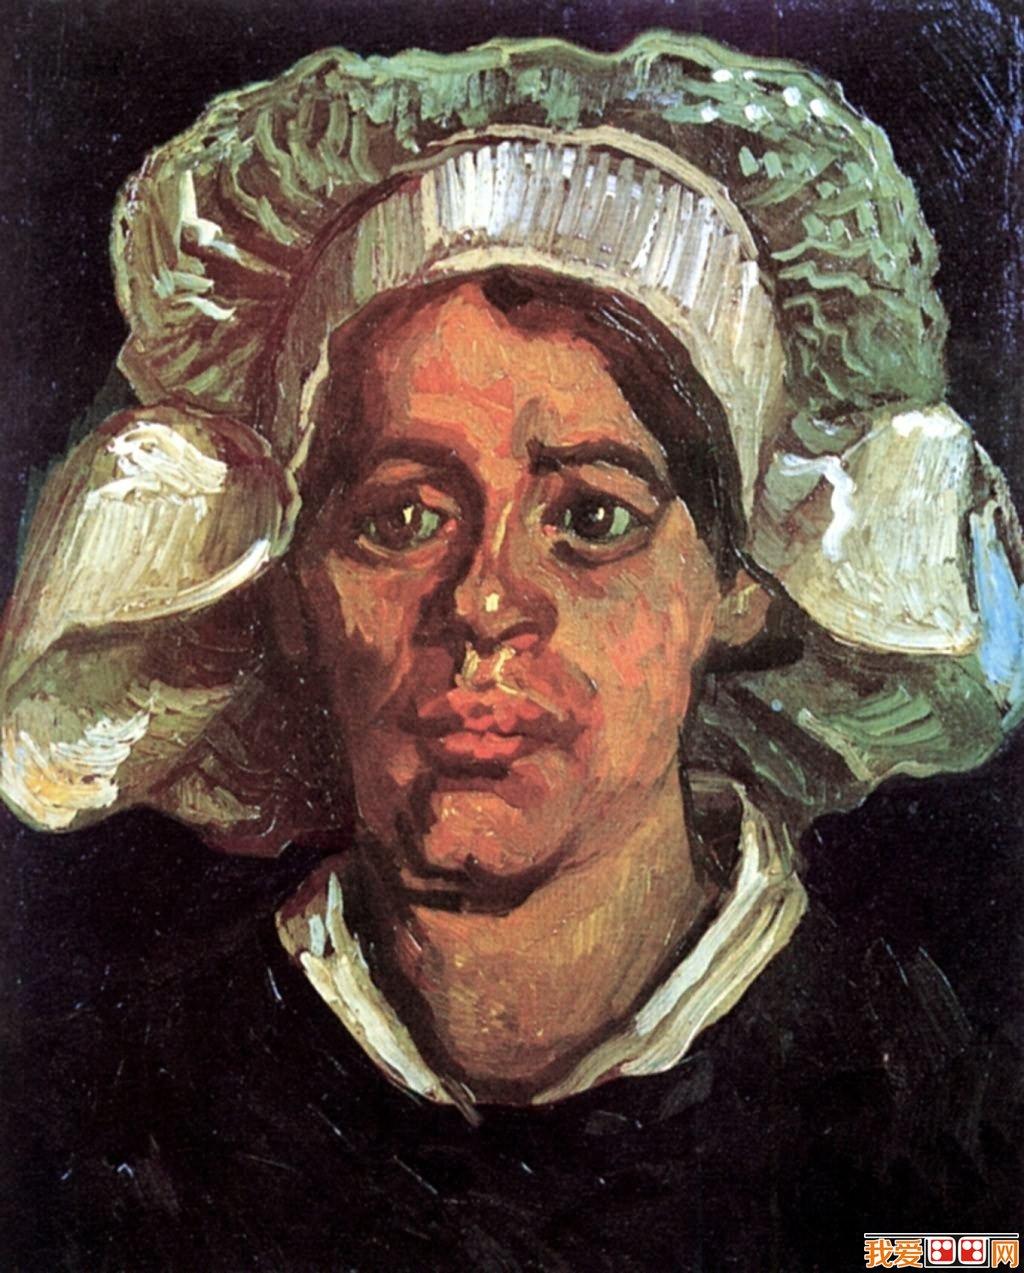 印象派画家梵高人物肖像油画作品欣赏 4